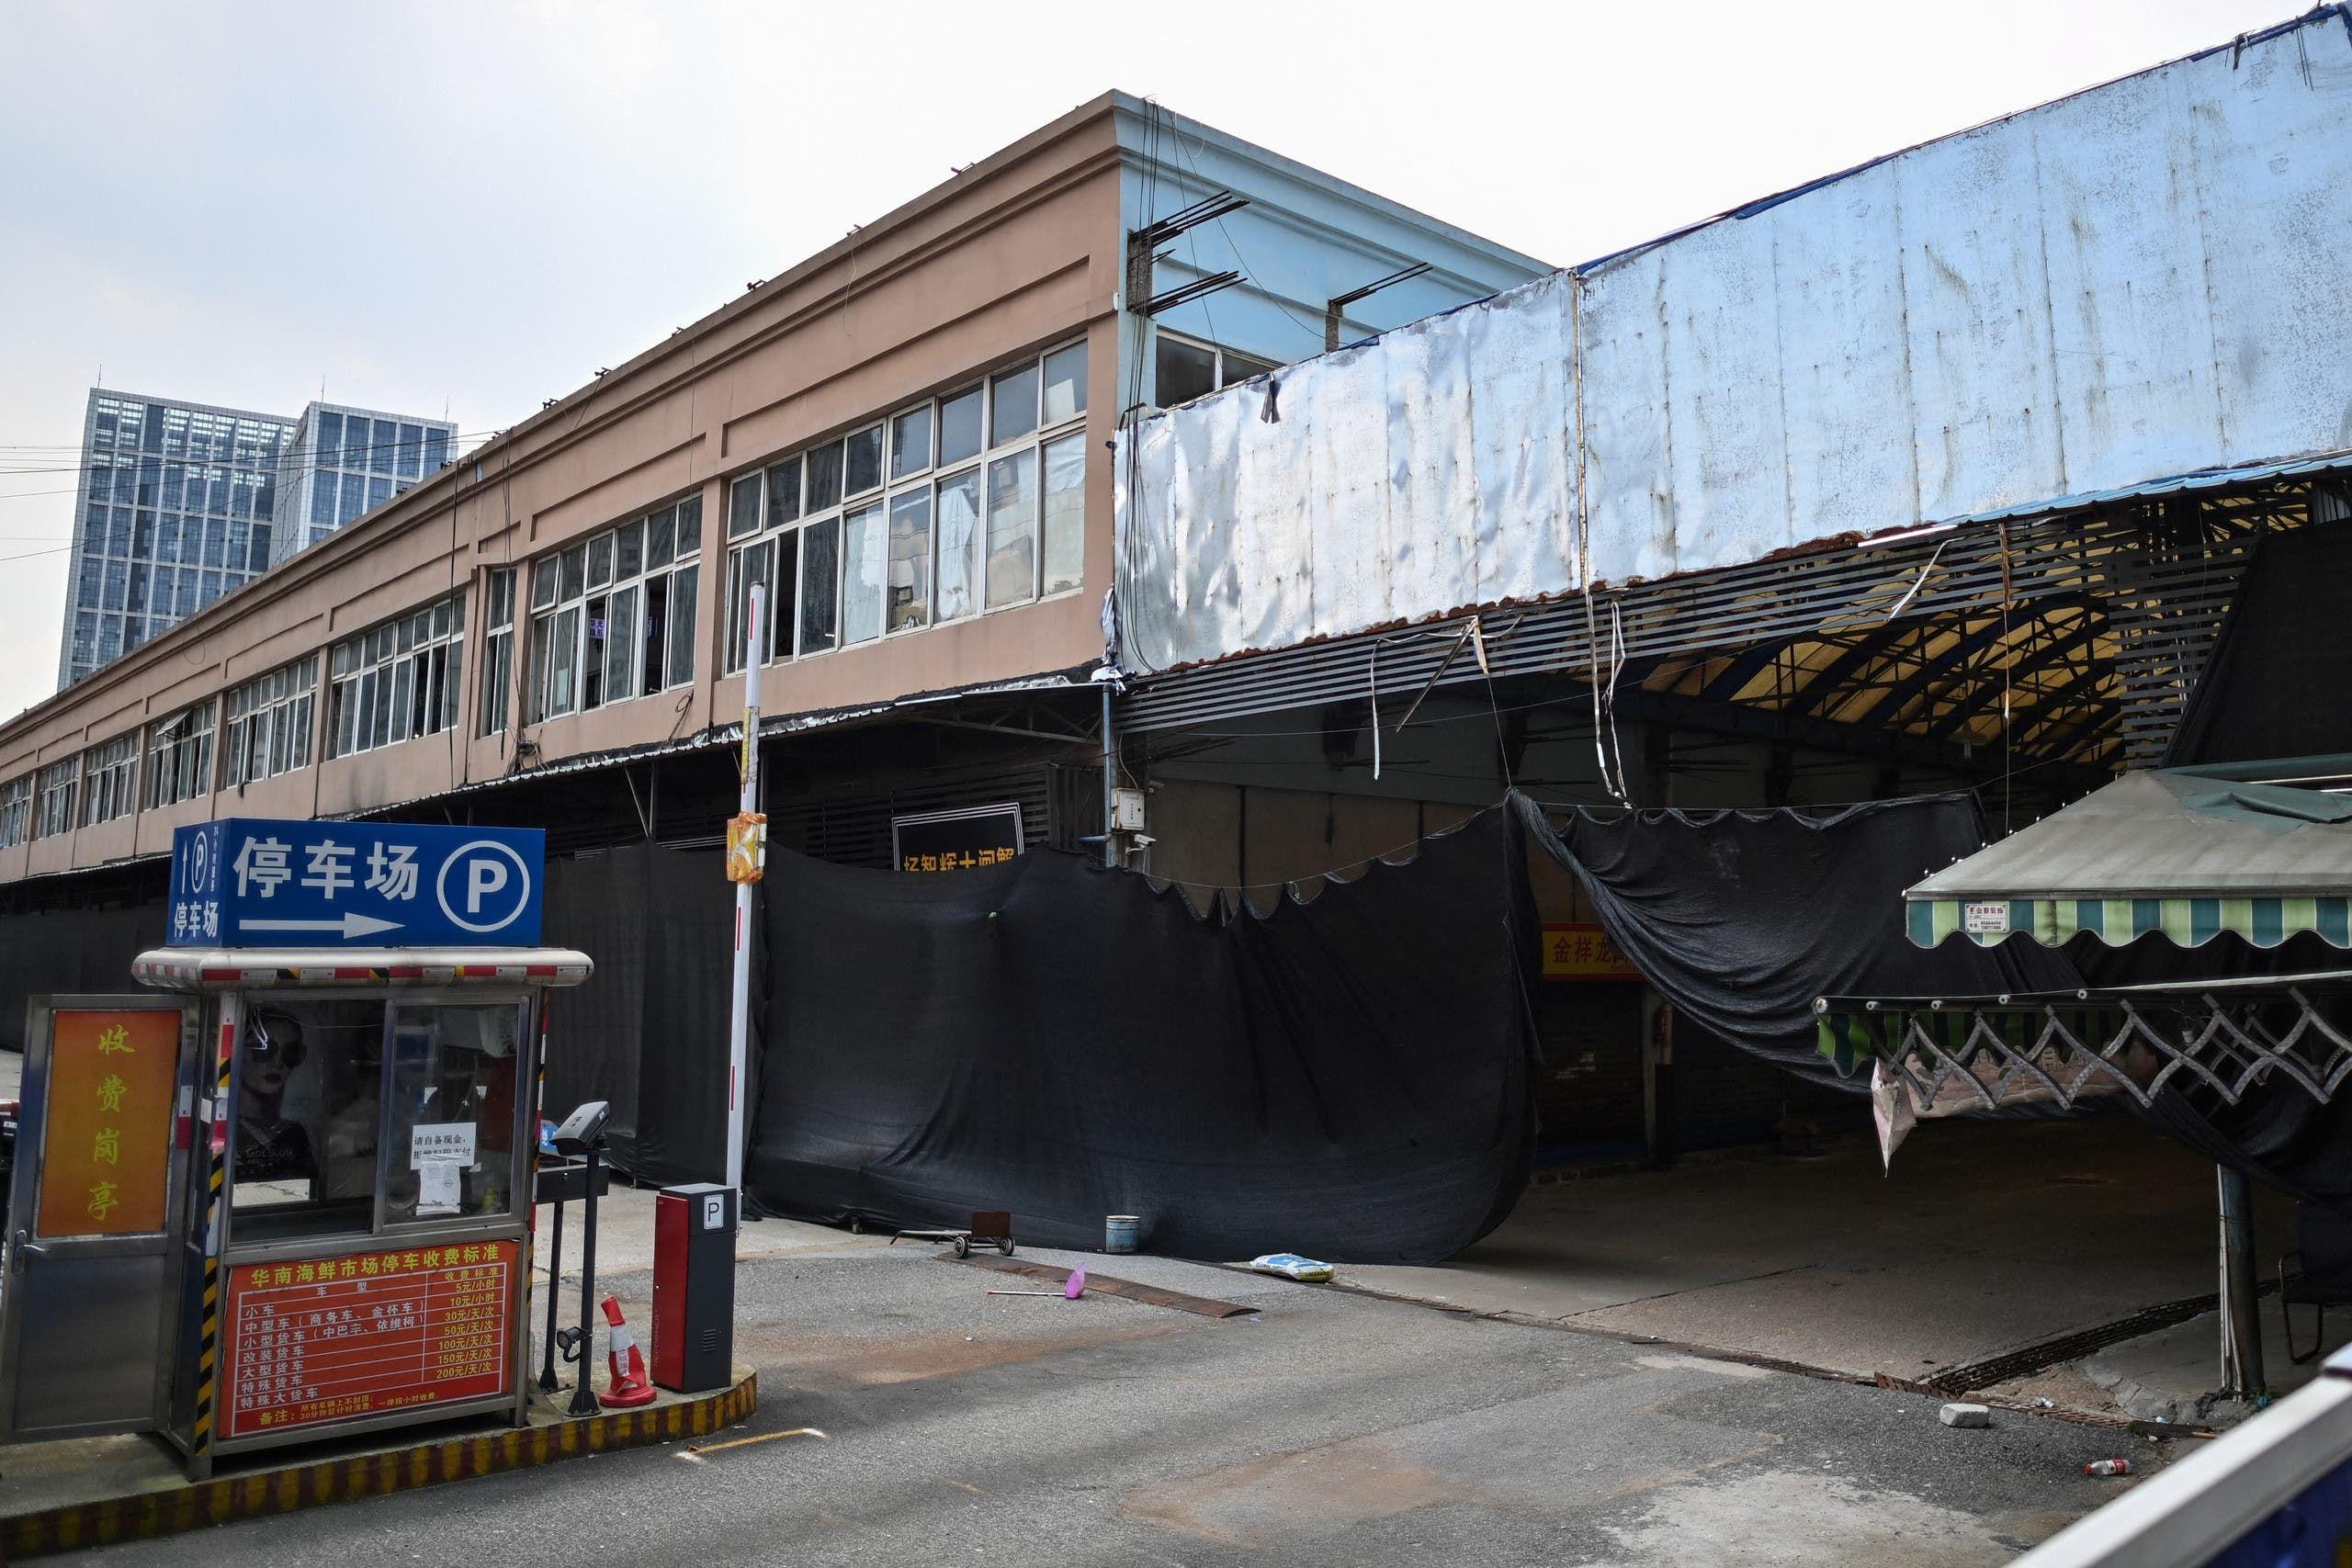 من سوق ووهان المغلق يوم 4 أغسطس 2020